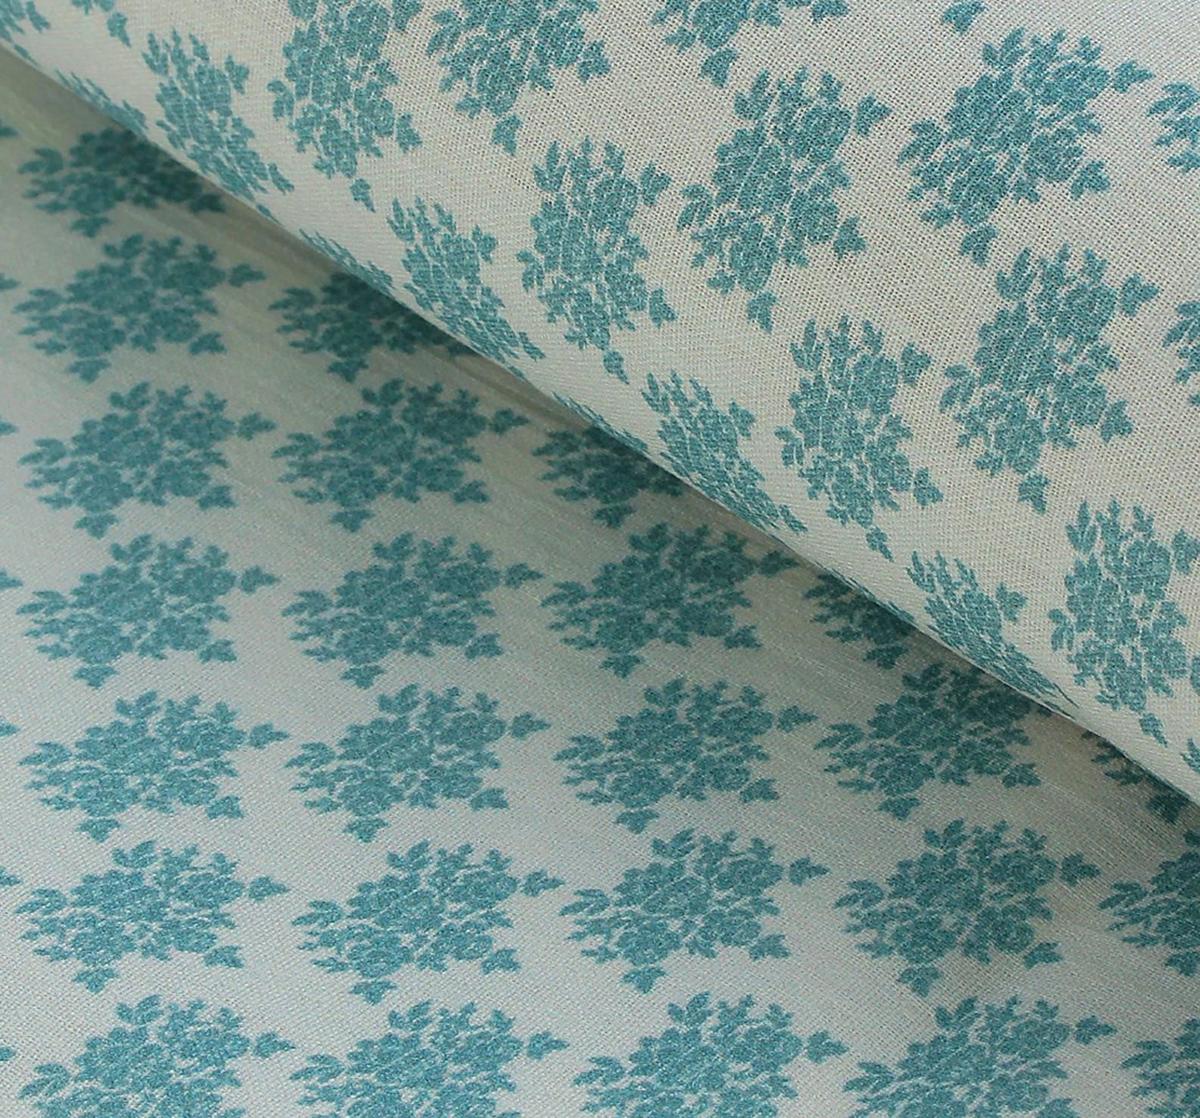 Ткань Кустарь Винтажные Гортензии №4, цвет: серый, голубой, 48 х 50 см подвеска кустарь кошка 10 см х 12 см х 0 4 см